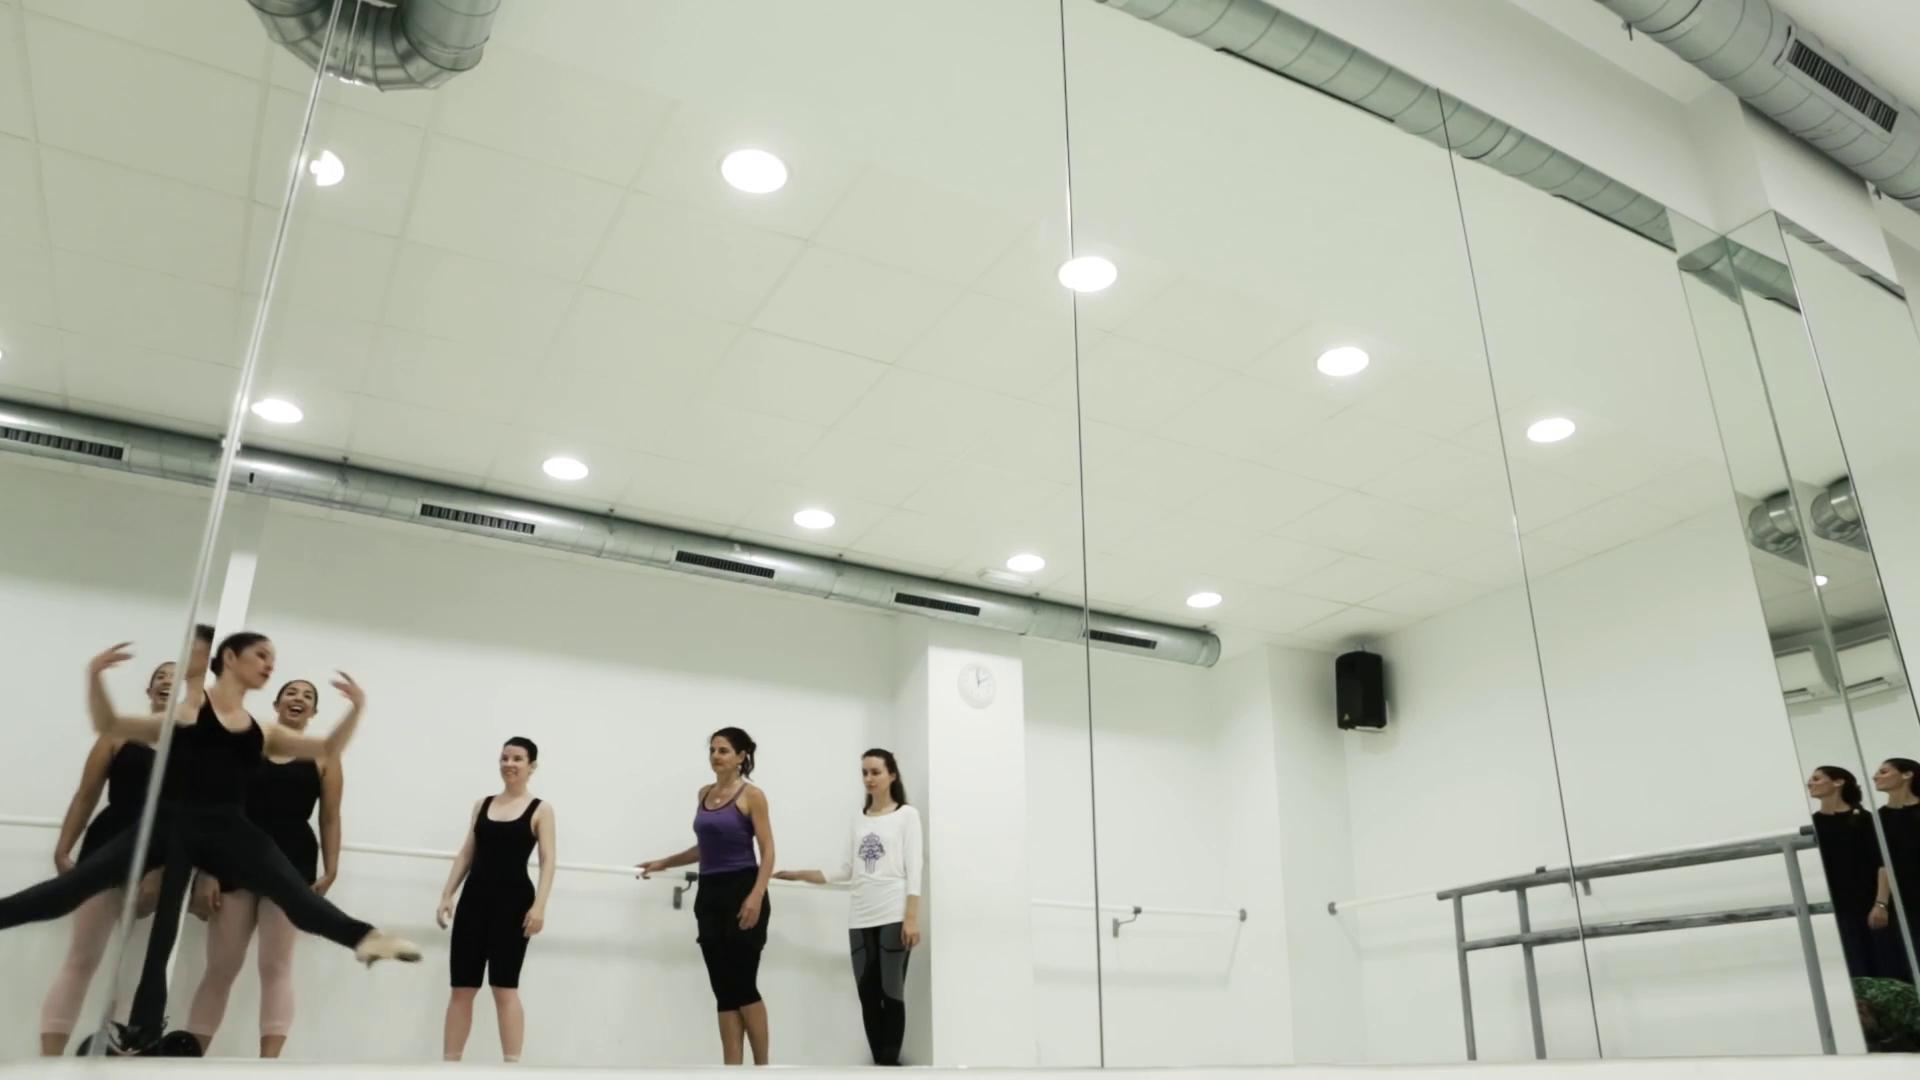 Clases de Ballet en Sevilla Flamenco Danza (12)